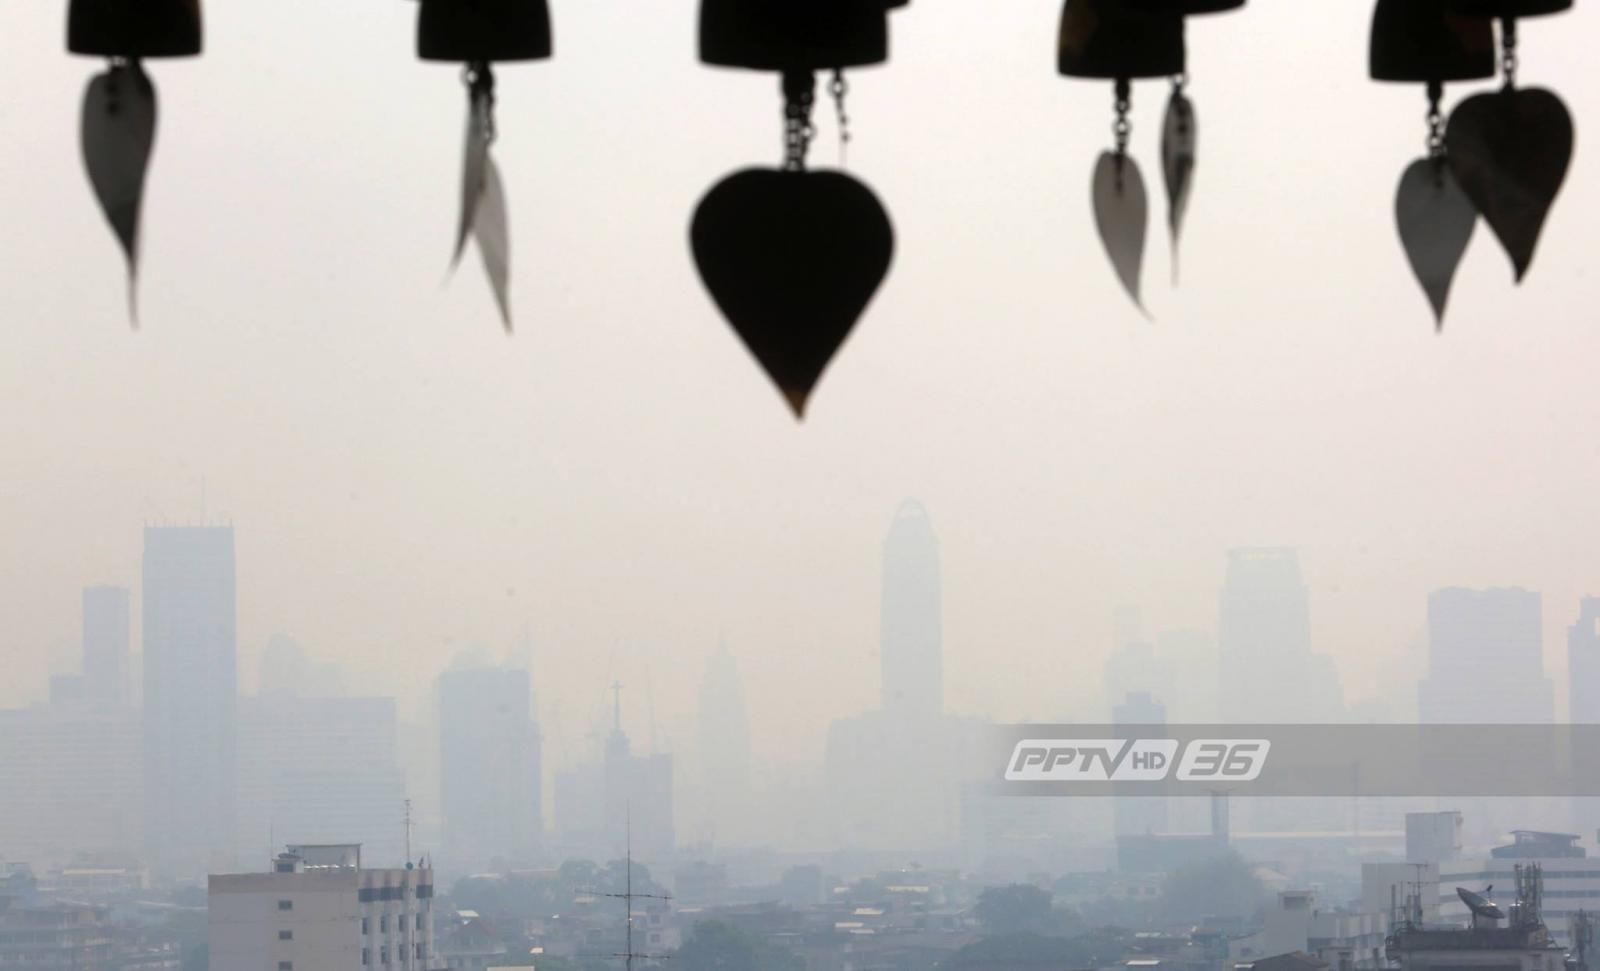 อุตุฯประกาศอากาศแปรปรวน เหนือ-อีสาน หนาวตอนเช้า ใต้ ฝนตก